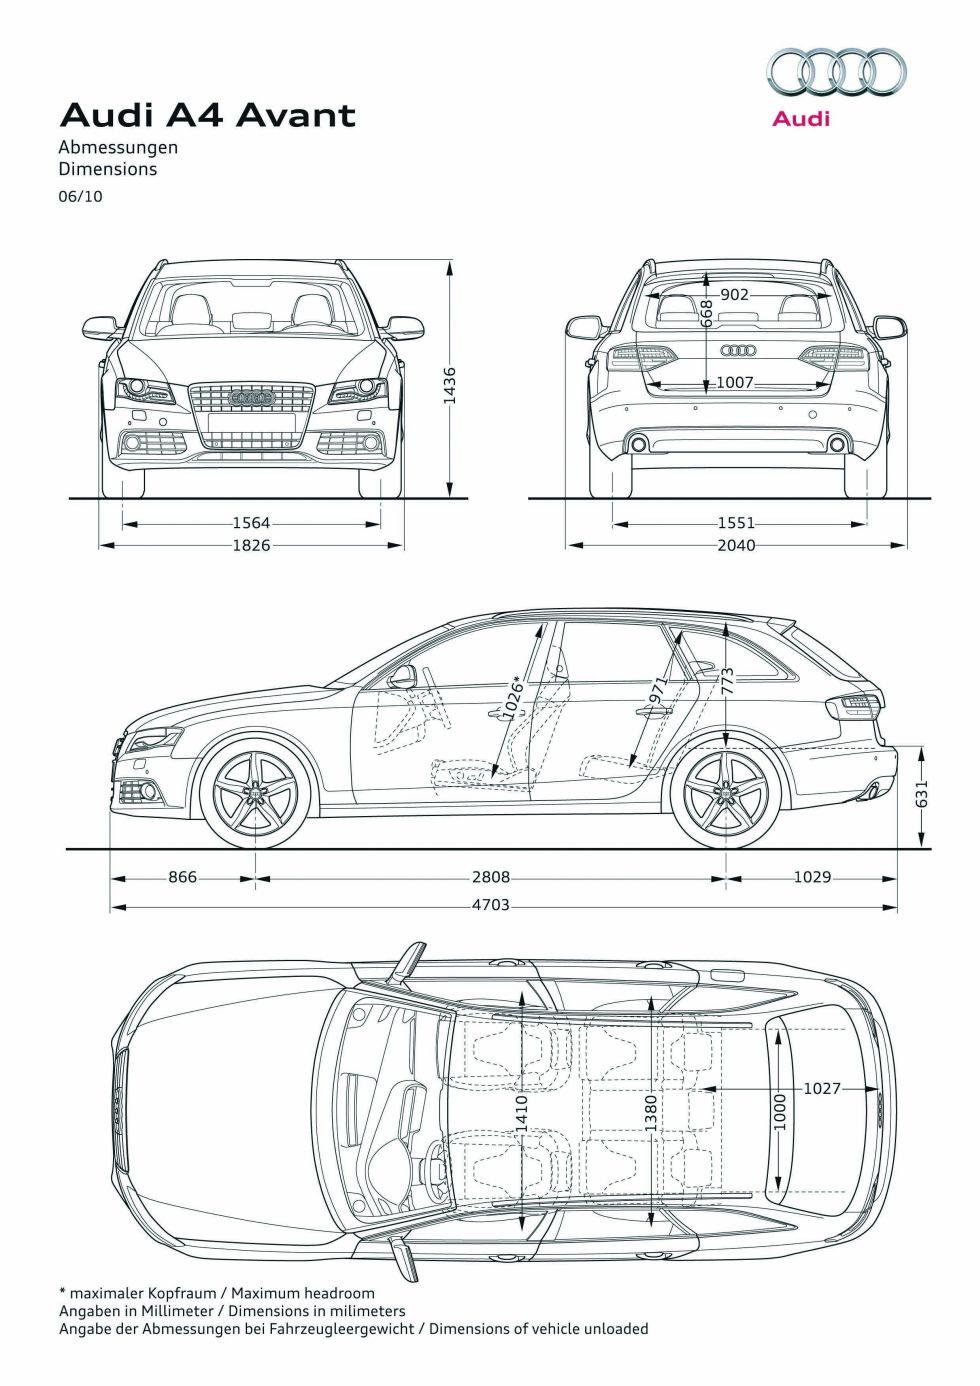 2008 2015 Audi A4 B8 Avant Samochody Osobowe W Encyklopedia